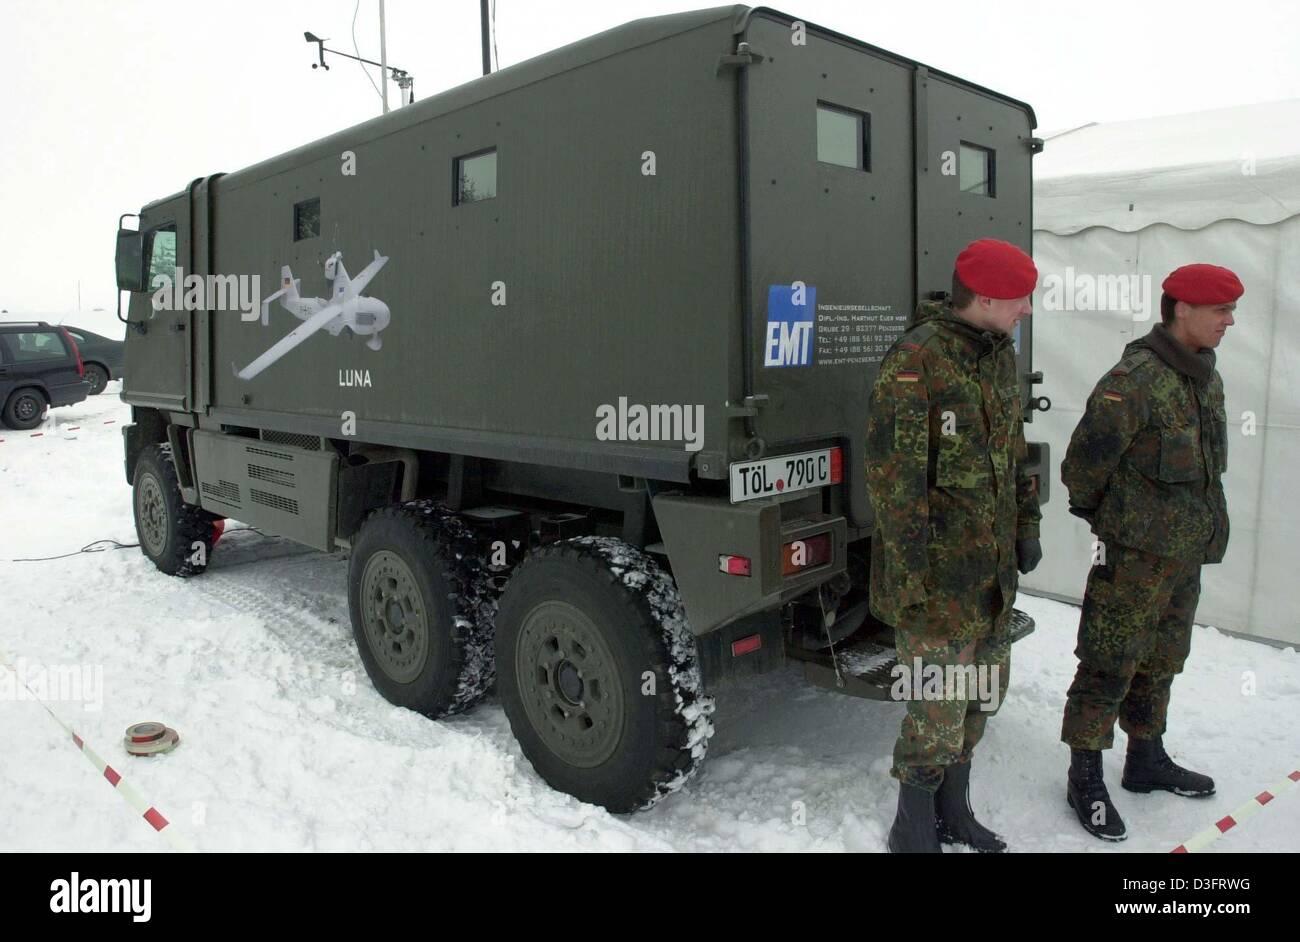 dpa zwei soldaten der bundeswehr bewachen die lkw mit. Black Bedroom Furniture Sets. Home Design Ideas